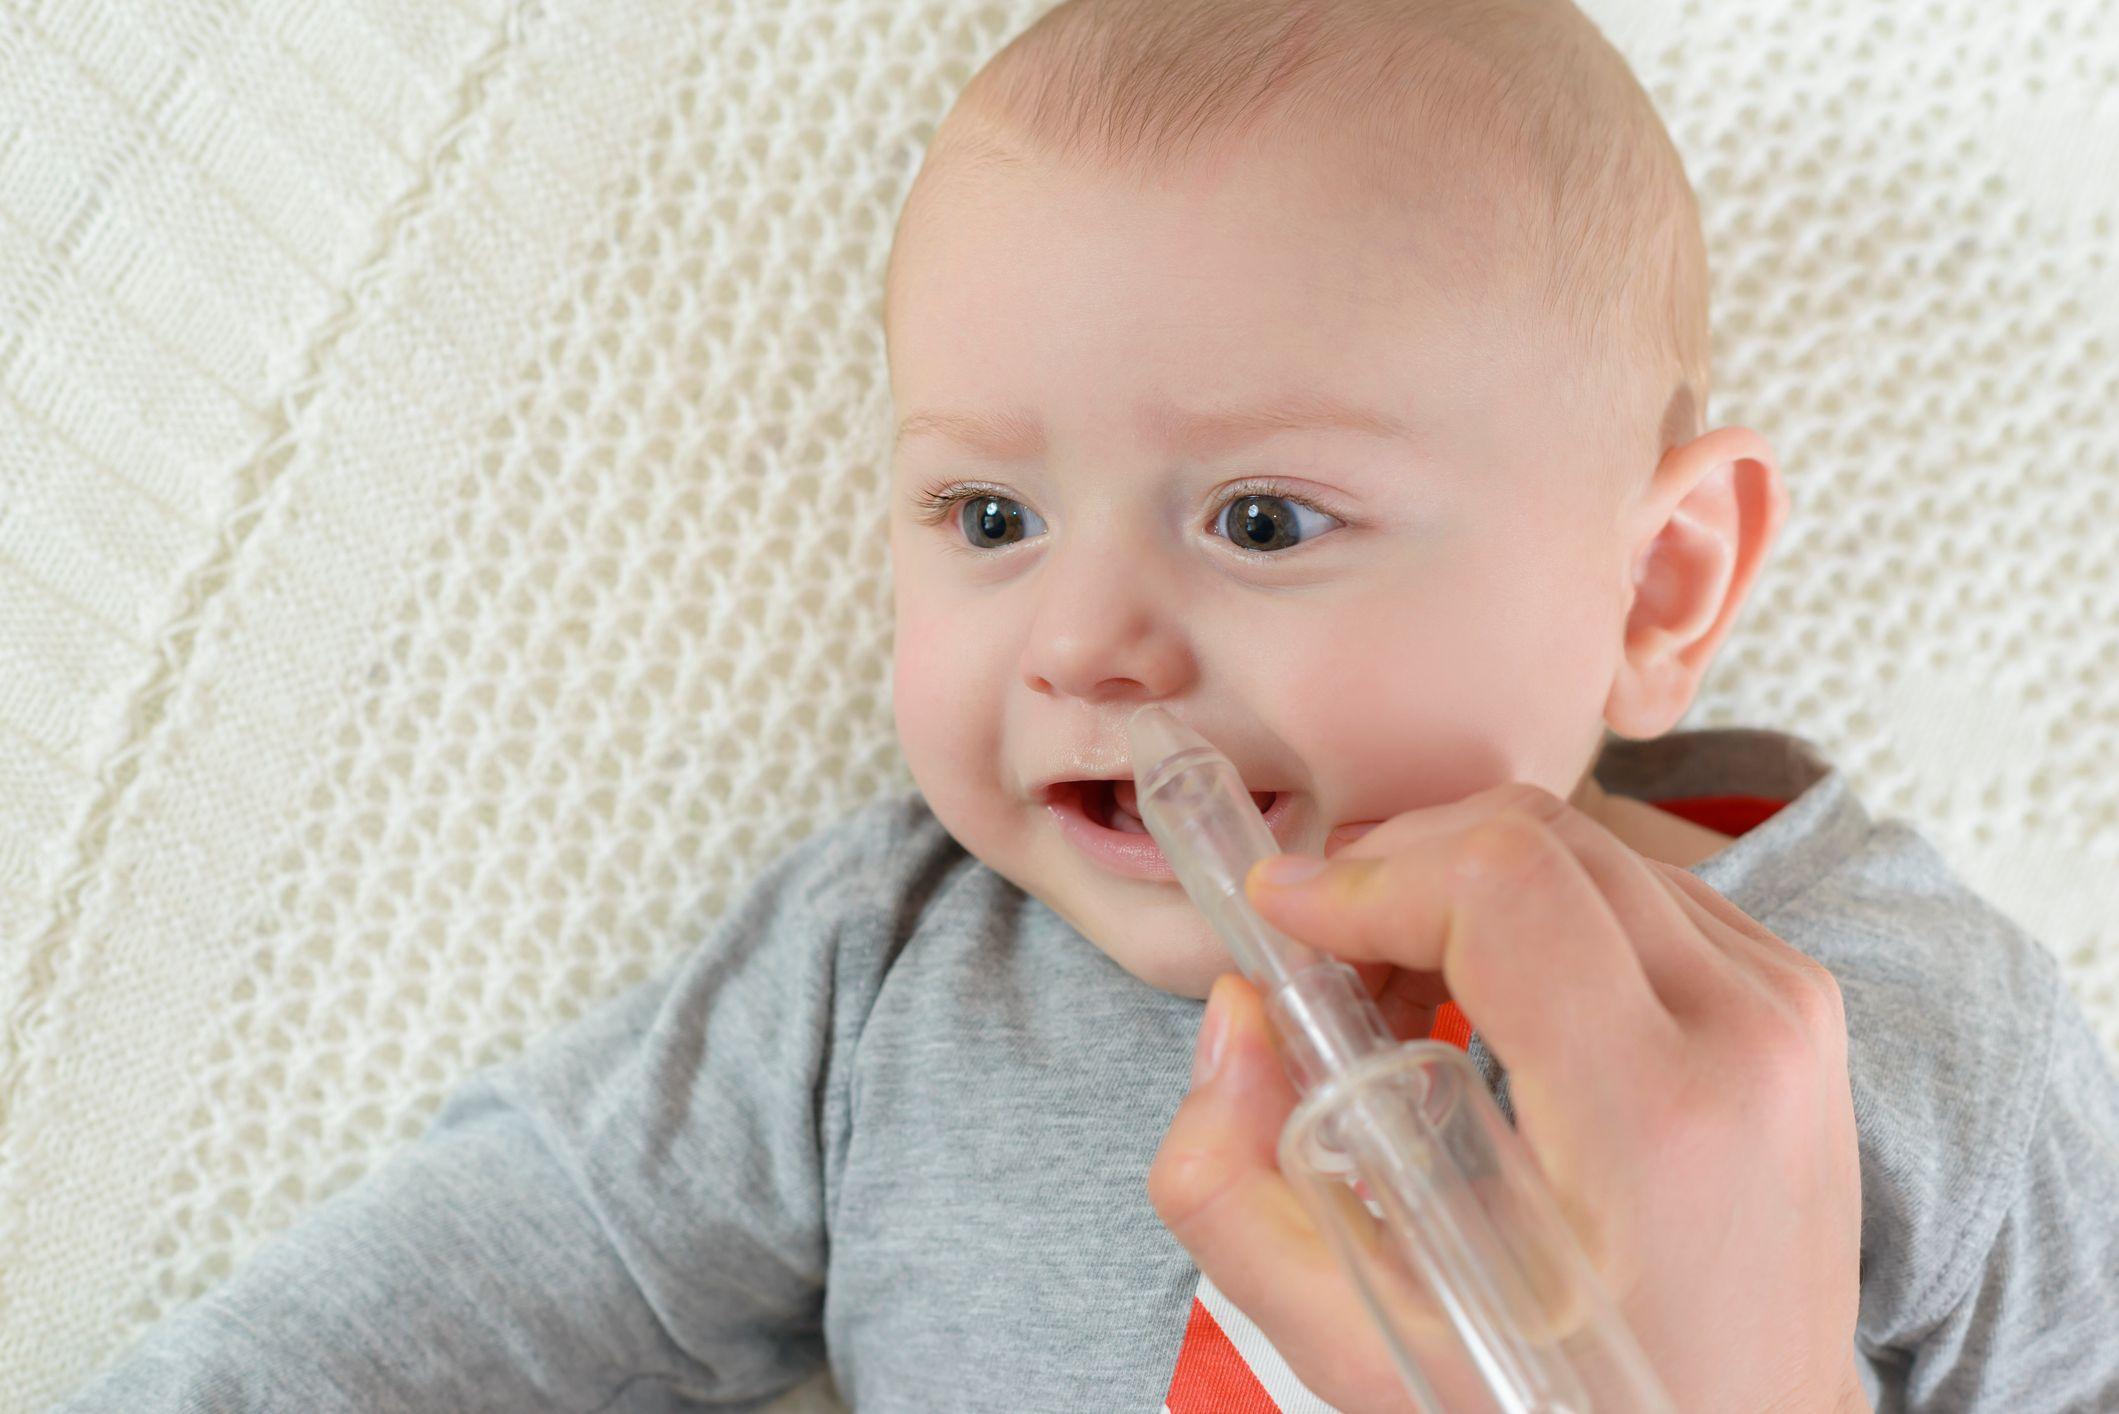 Грудное молоко в нос грудничку при насморке